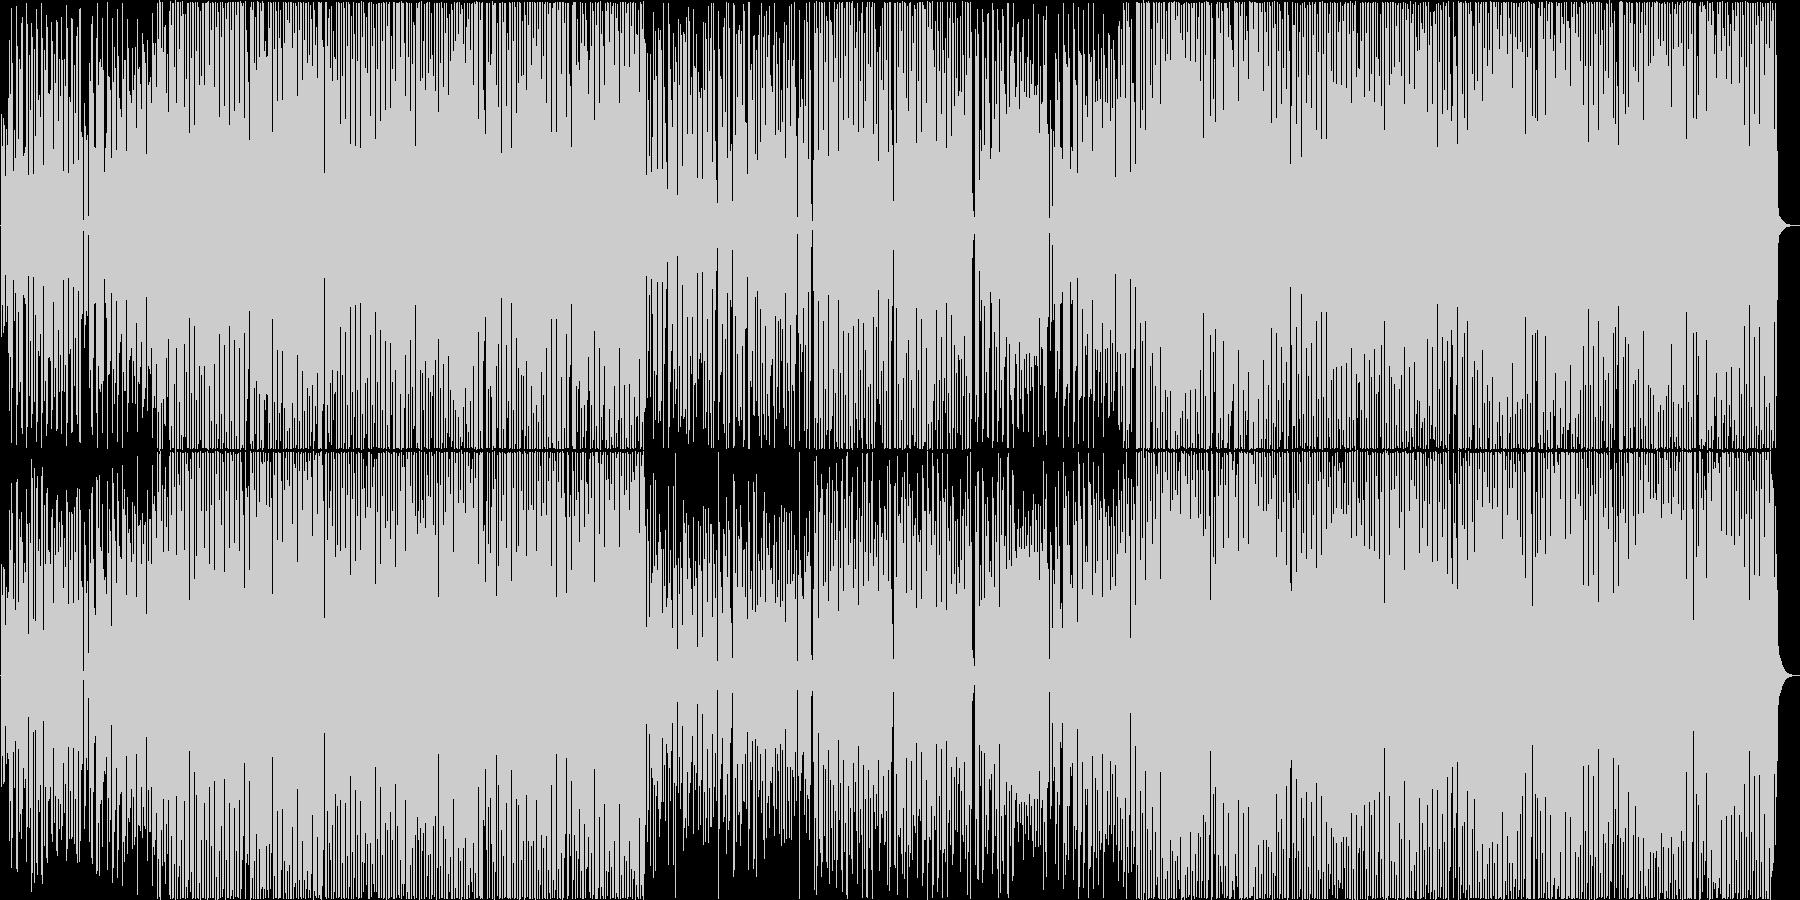 口笛、ウクレレ、縦笛のハッピーBGM♪の未再生の波形